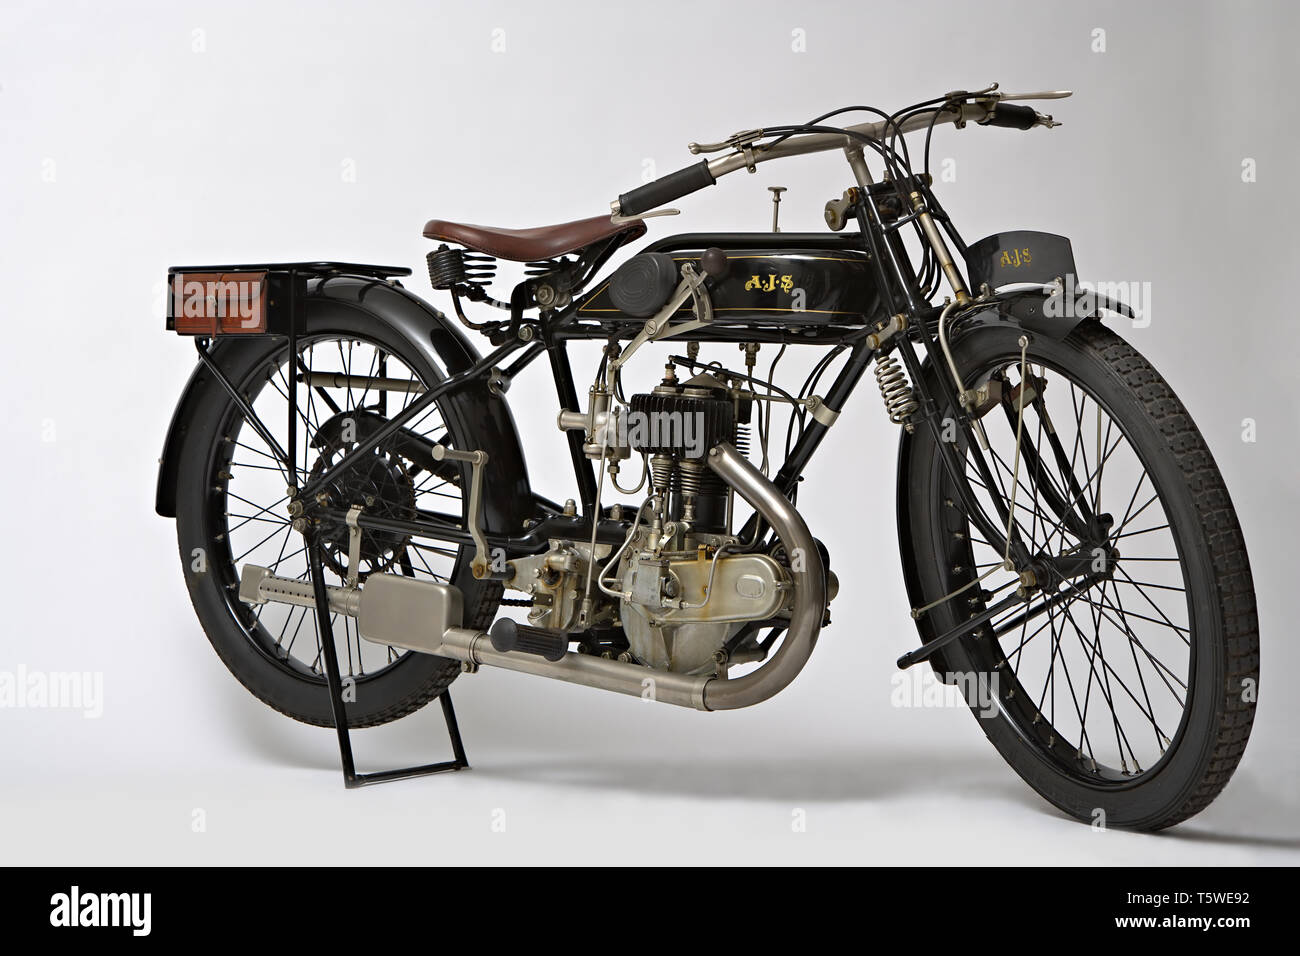 Moto d'Epoca AJS ES 350 Marca: AJS modello: ES 350 nazione: Regno Unito - Londra anno: 1925 condizioni: restaurata cilindrata: 350 Foto de stock